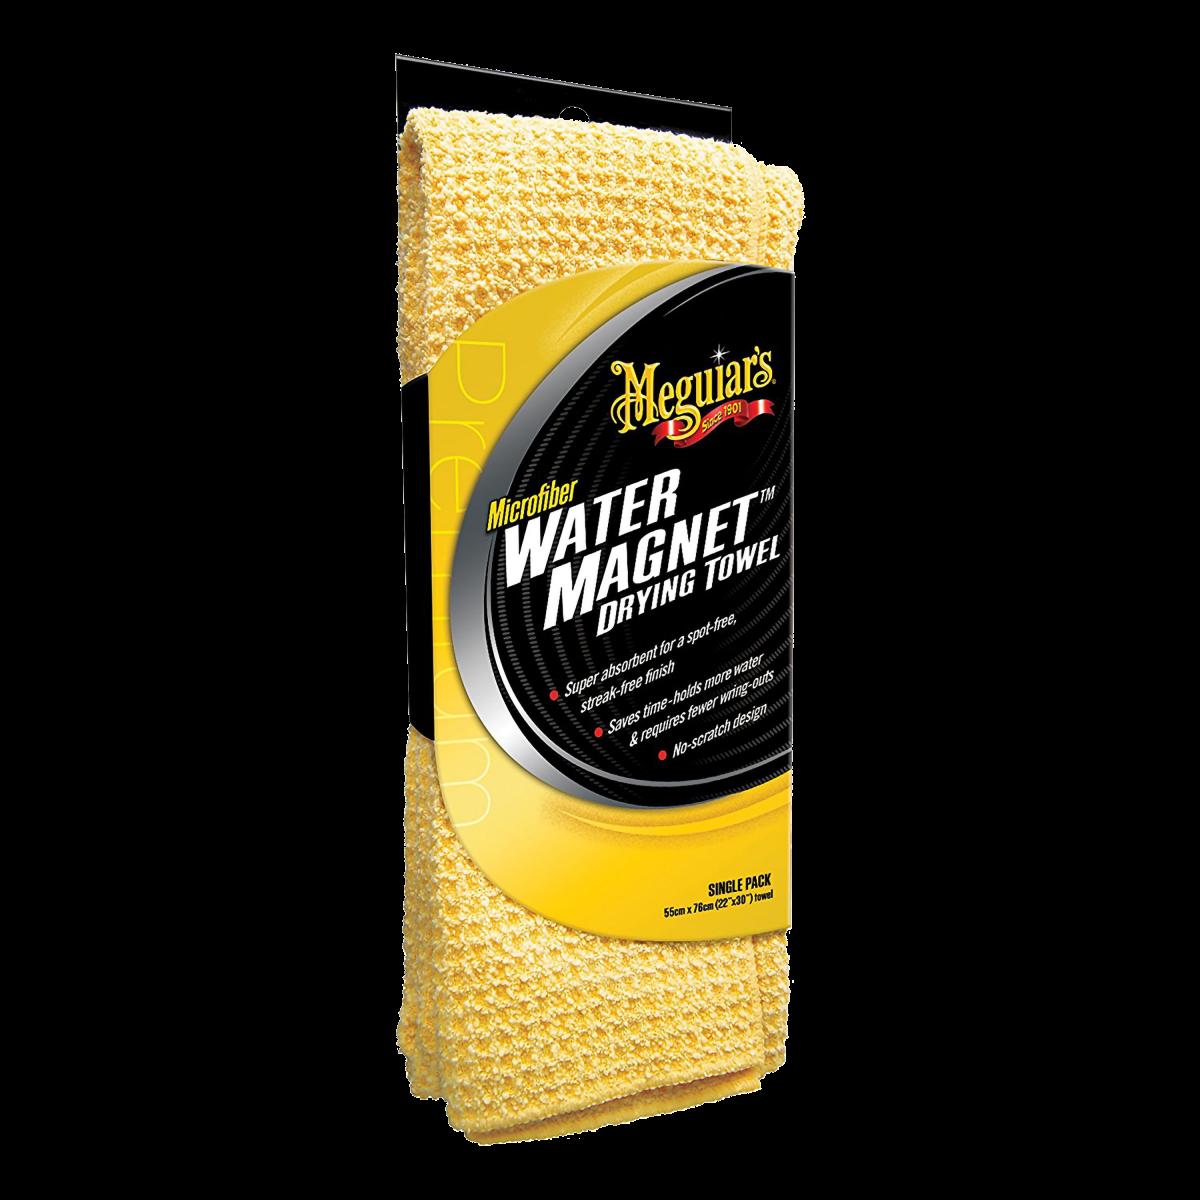 Meguiar's Microfiber Water Magnet Drying Towel